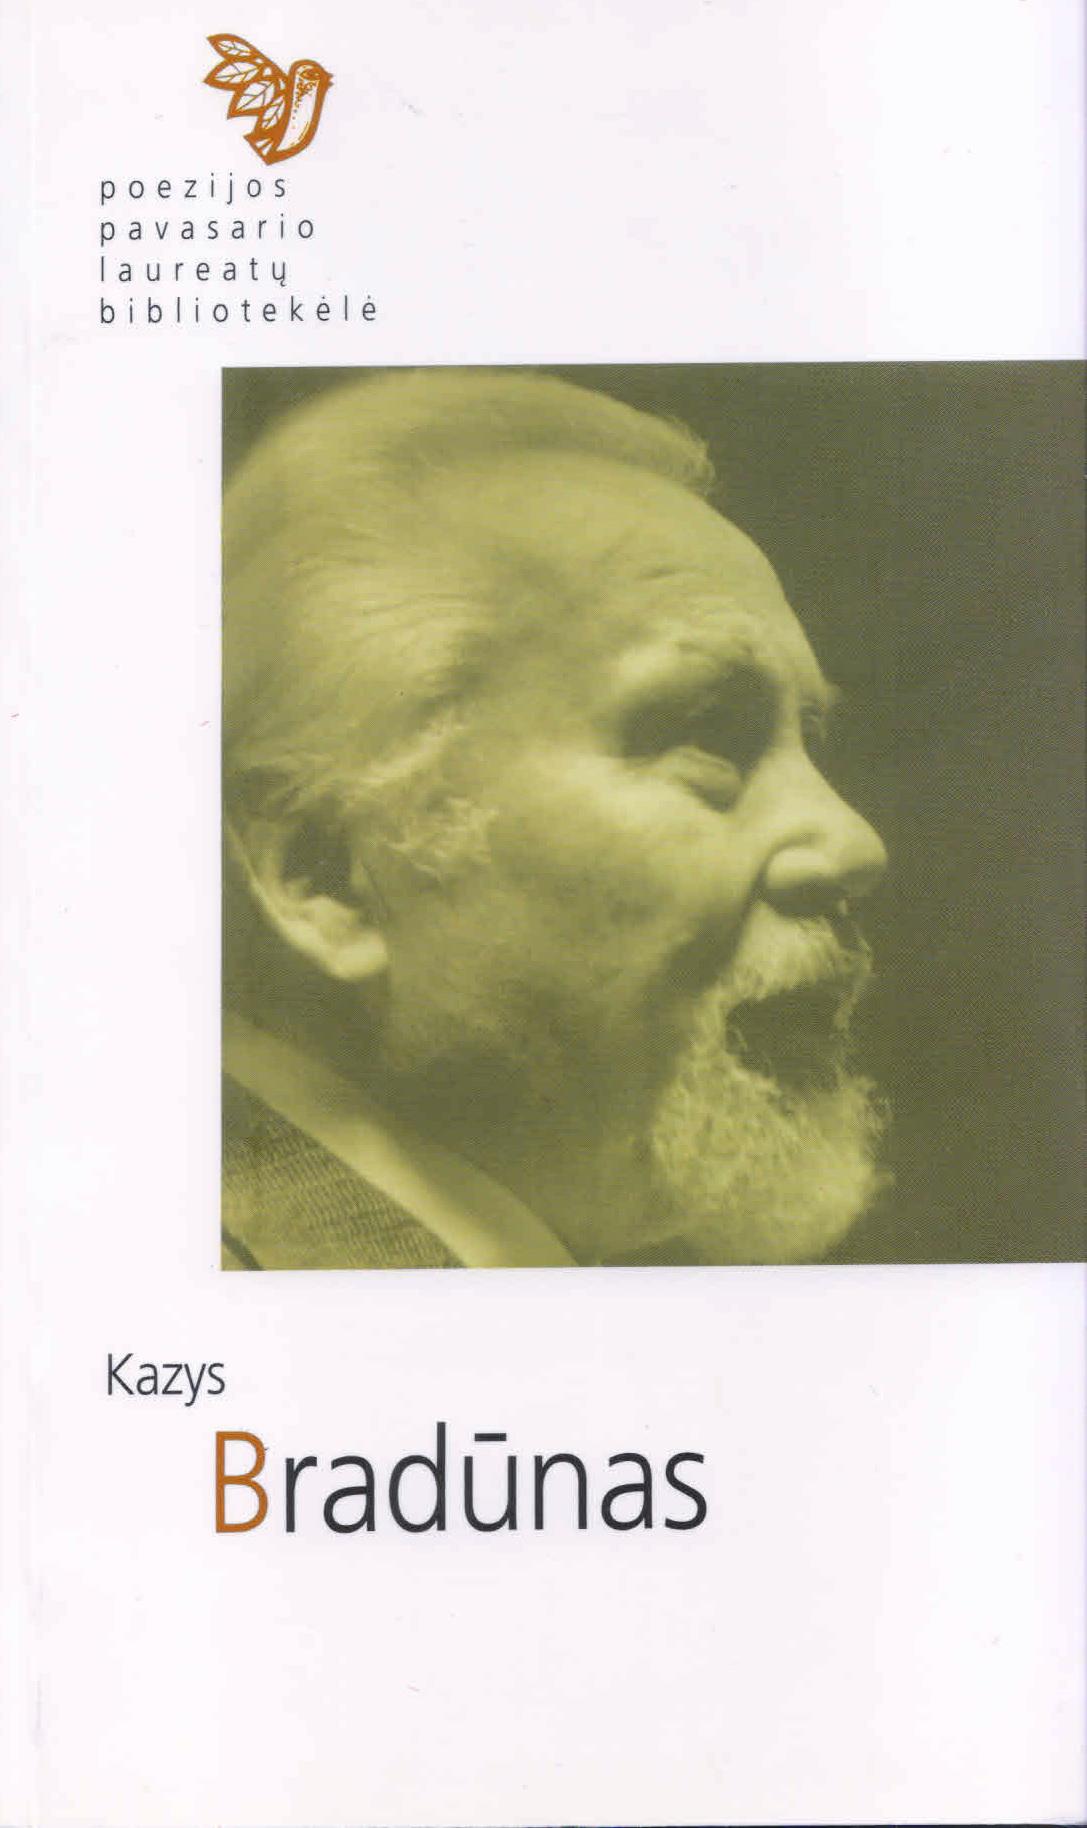 Poezijos pavasario laureatų bibliotekėlė. Kazys Bradūnas (Kaunas: Naujasis lankas, Kauno meno kūrėjų asociacija 2013)